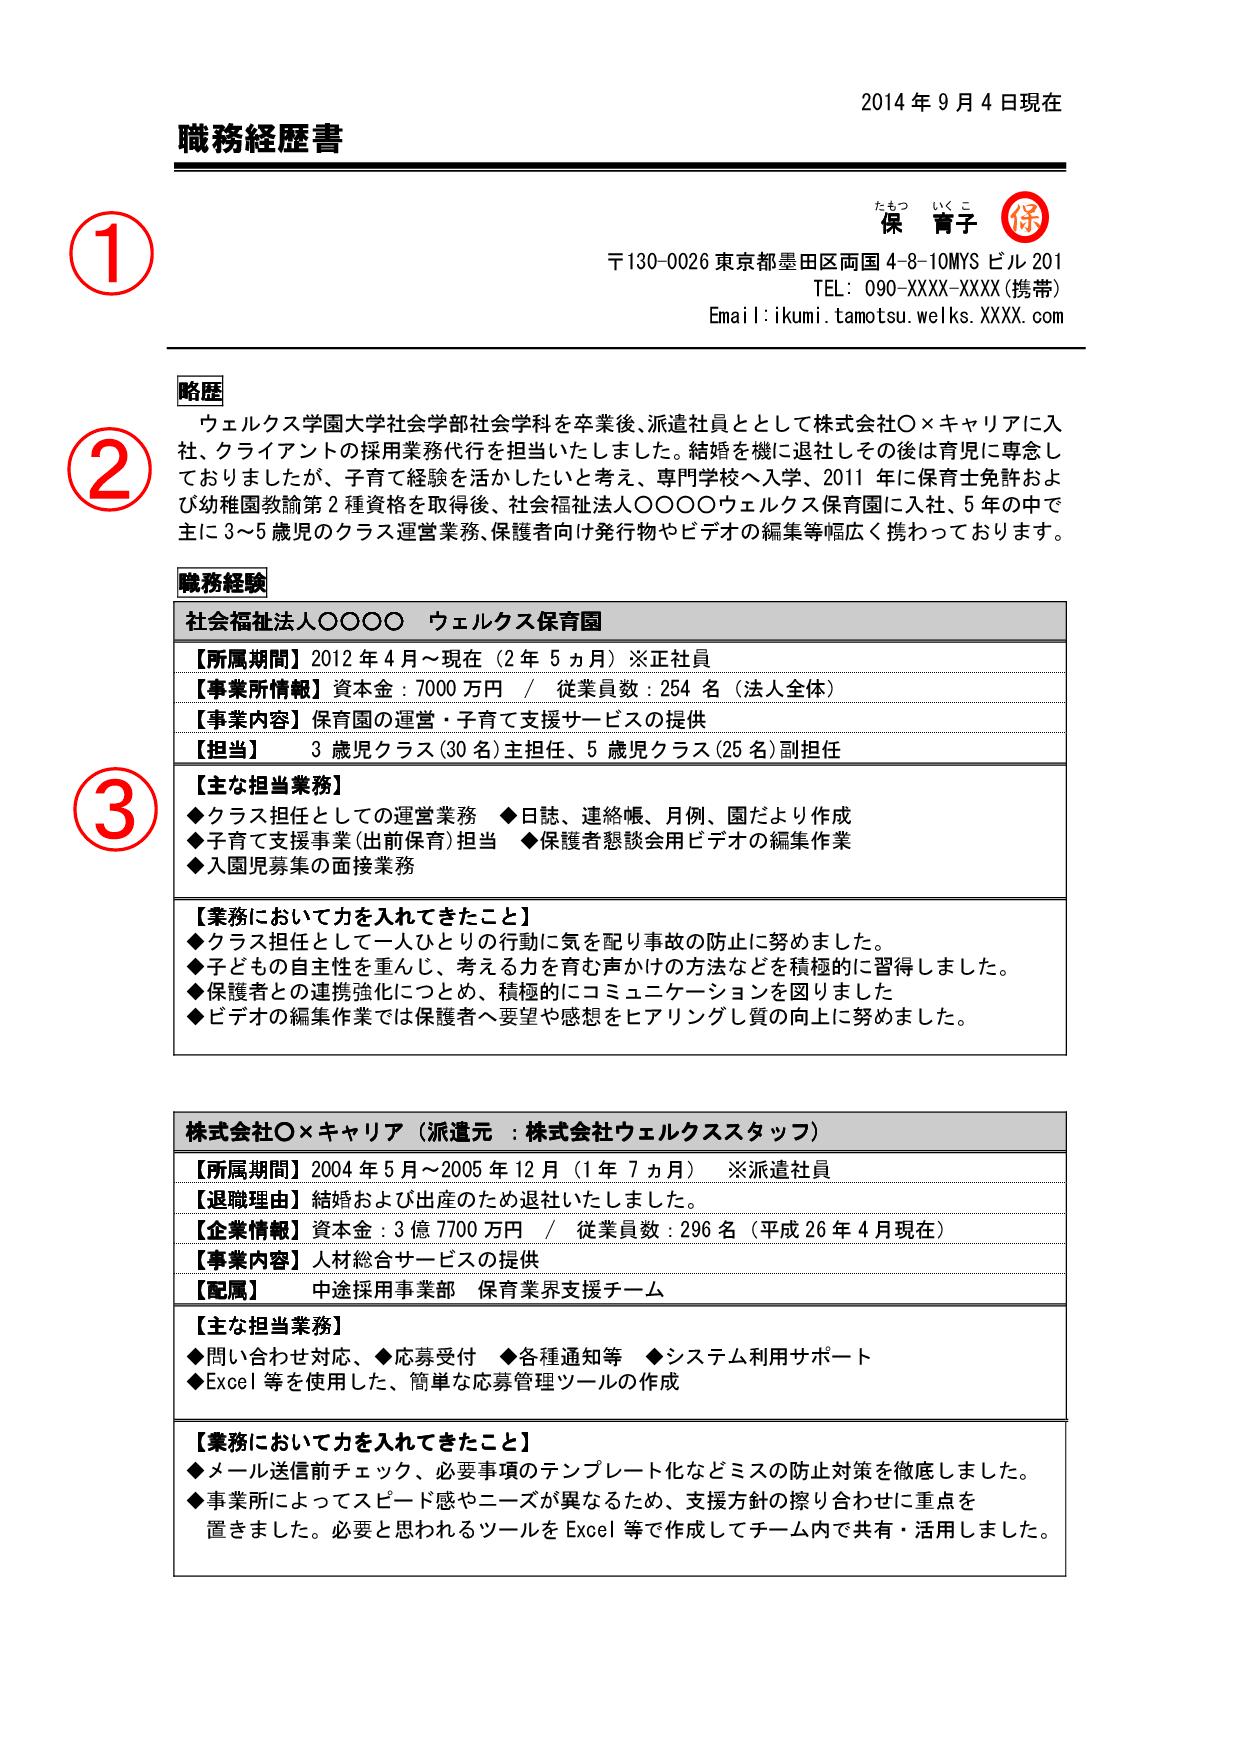 保育士さんの職務経歴書(見本)-001